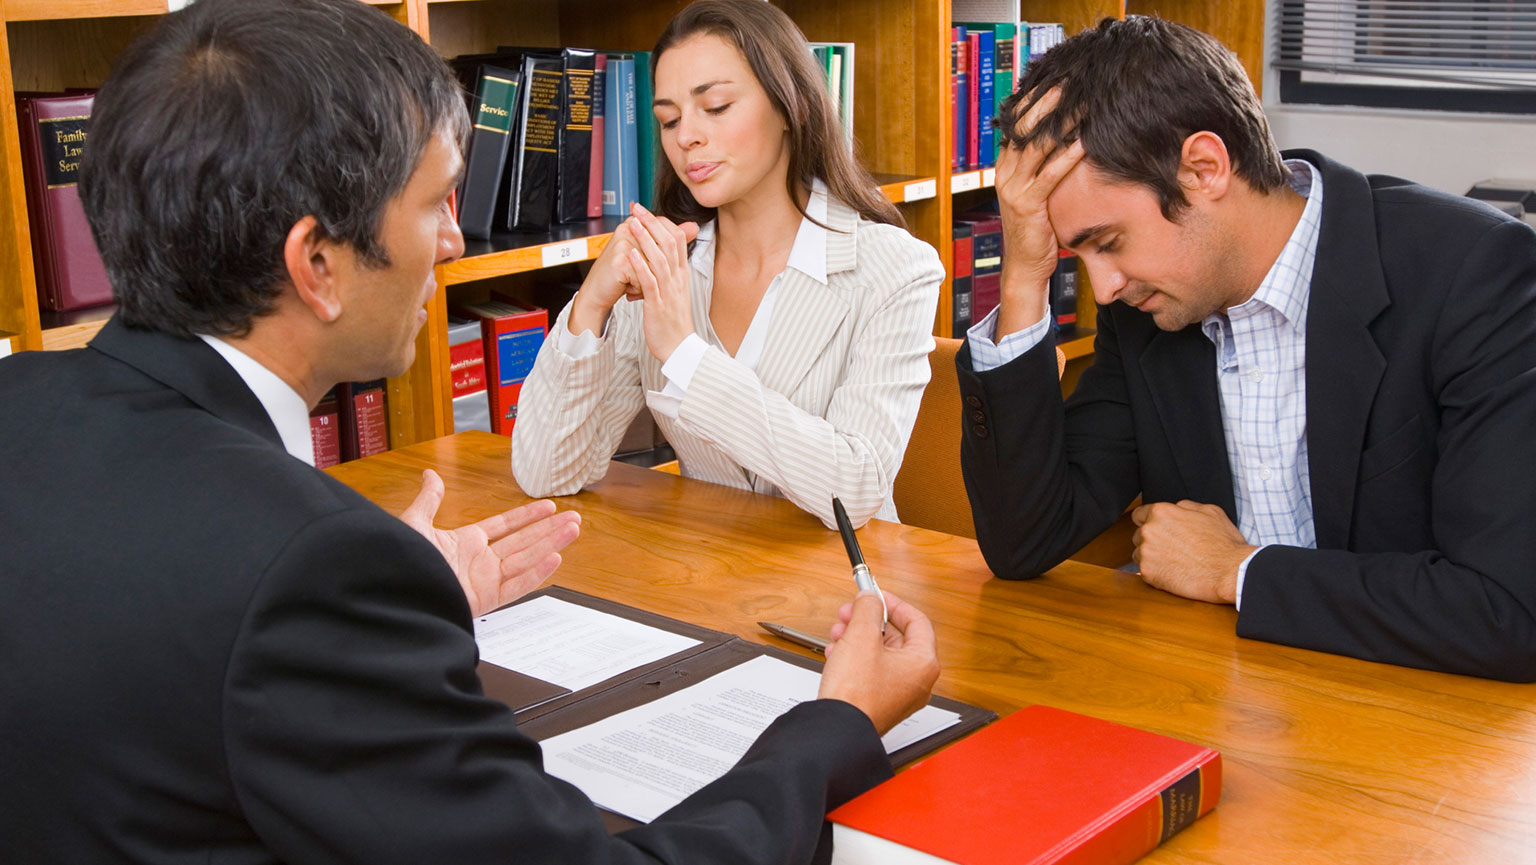 несправедливым, развод с ипотекой судебная практика хотела потерять